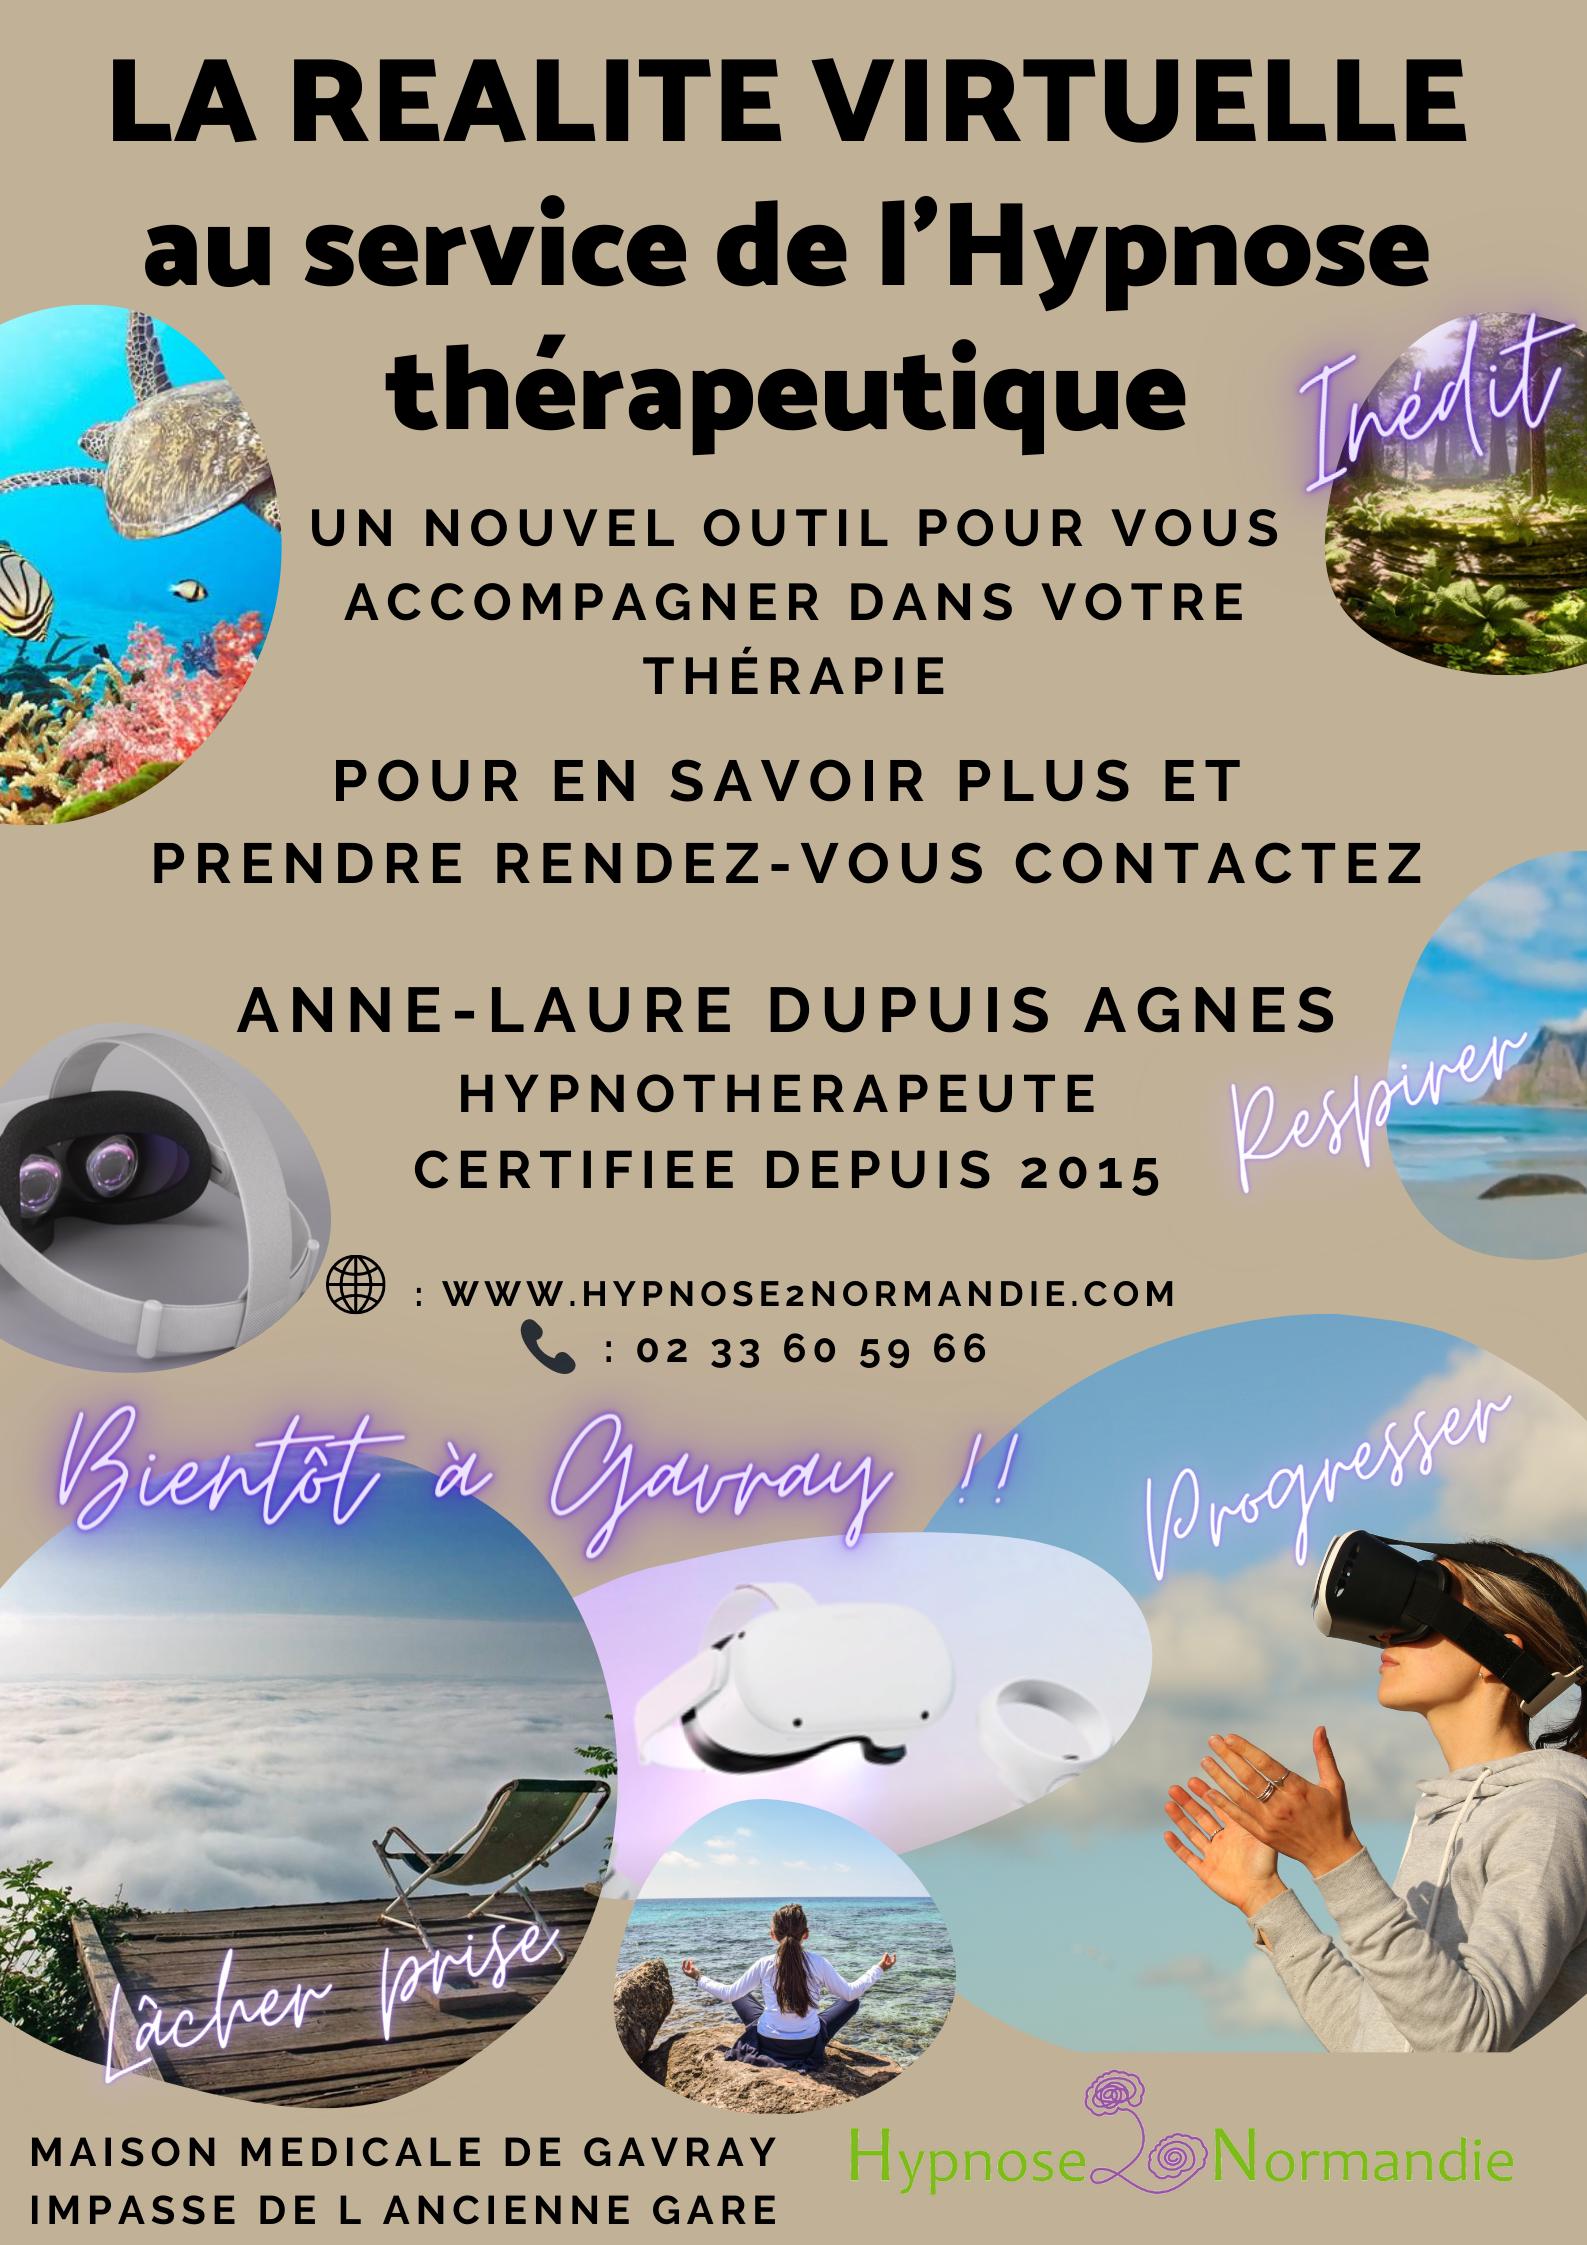 Inedit La Réalité Virtuelle au service de l'hypnose thérapeutique dans votre cabinet